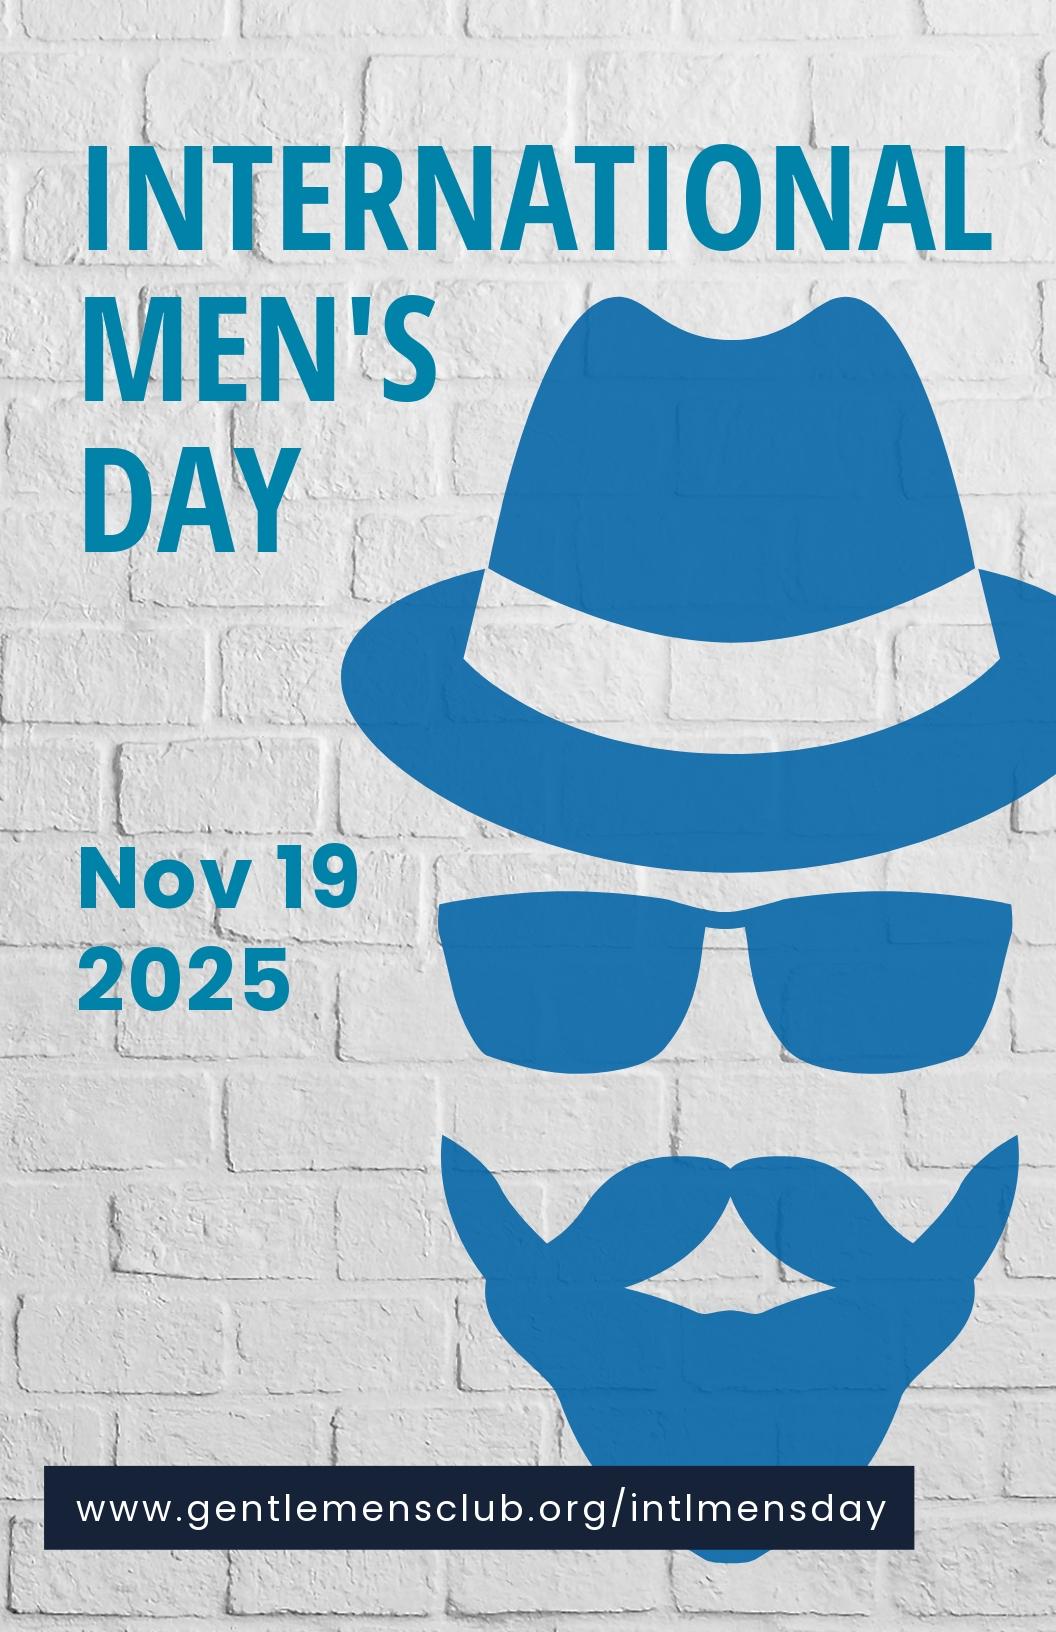 International Men's Day Poster